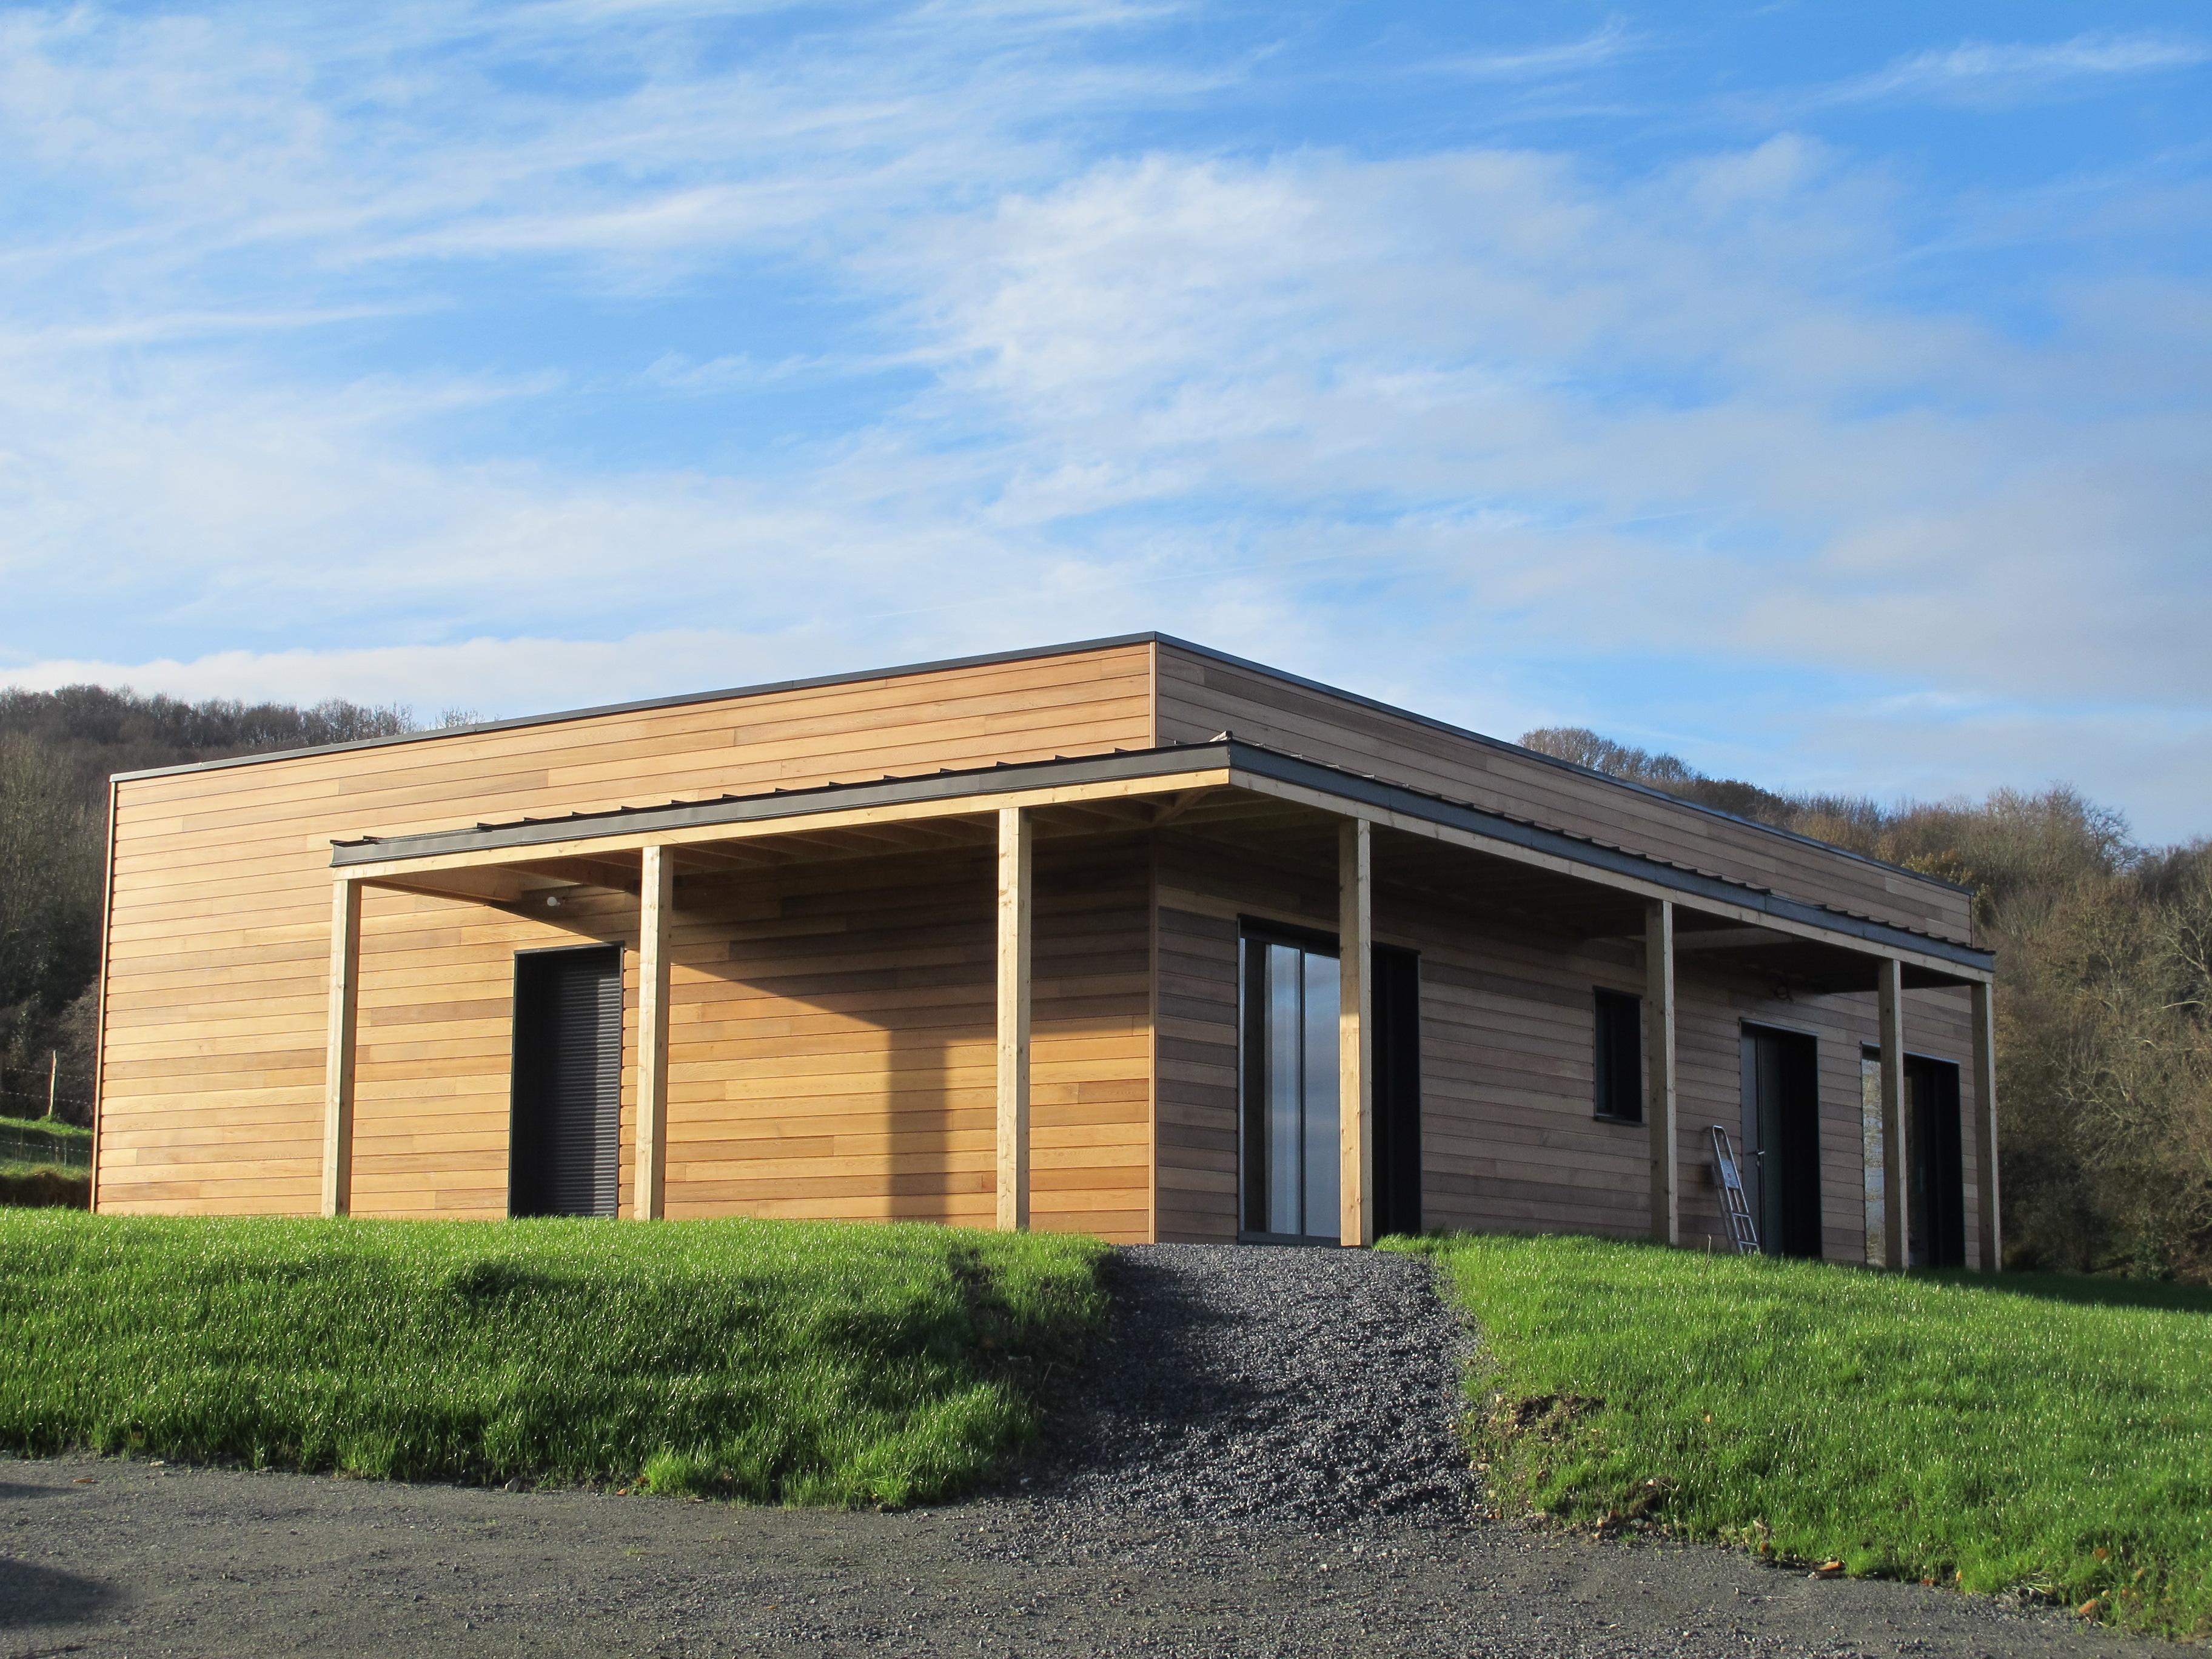 Maison Ossature Bois Design. Excellent En Le Groupe Ftera ...